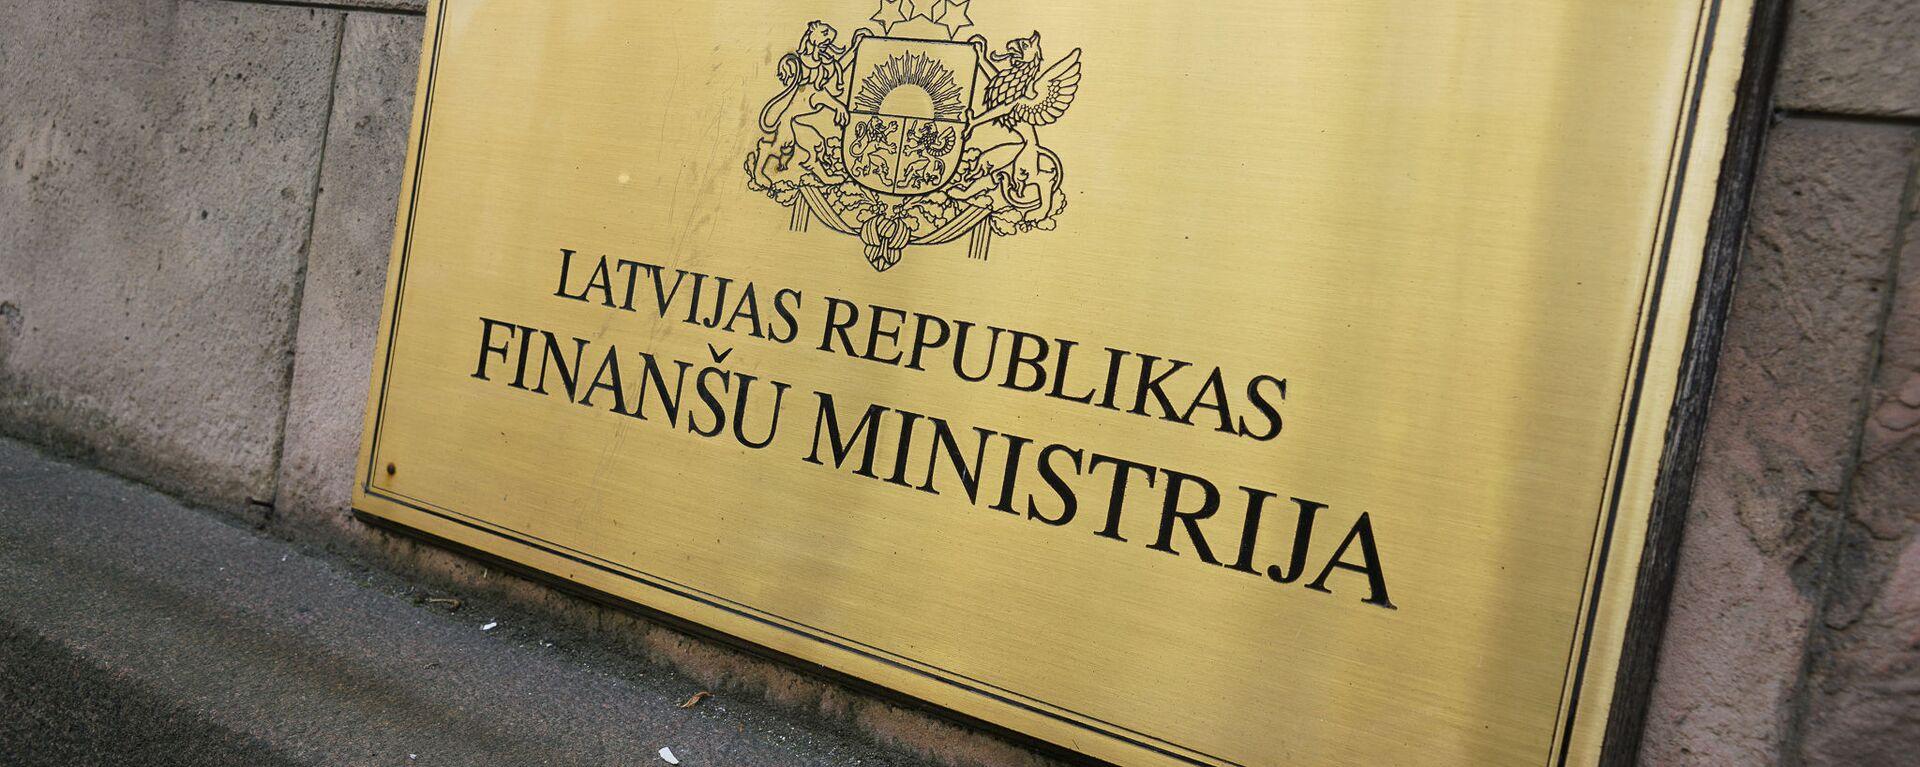 Министерство финансов - Sputnik Латвия, 1920, 23.08.2021